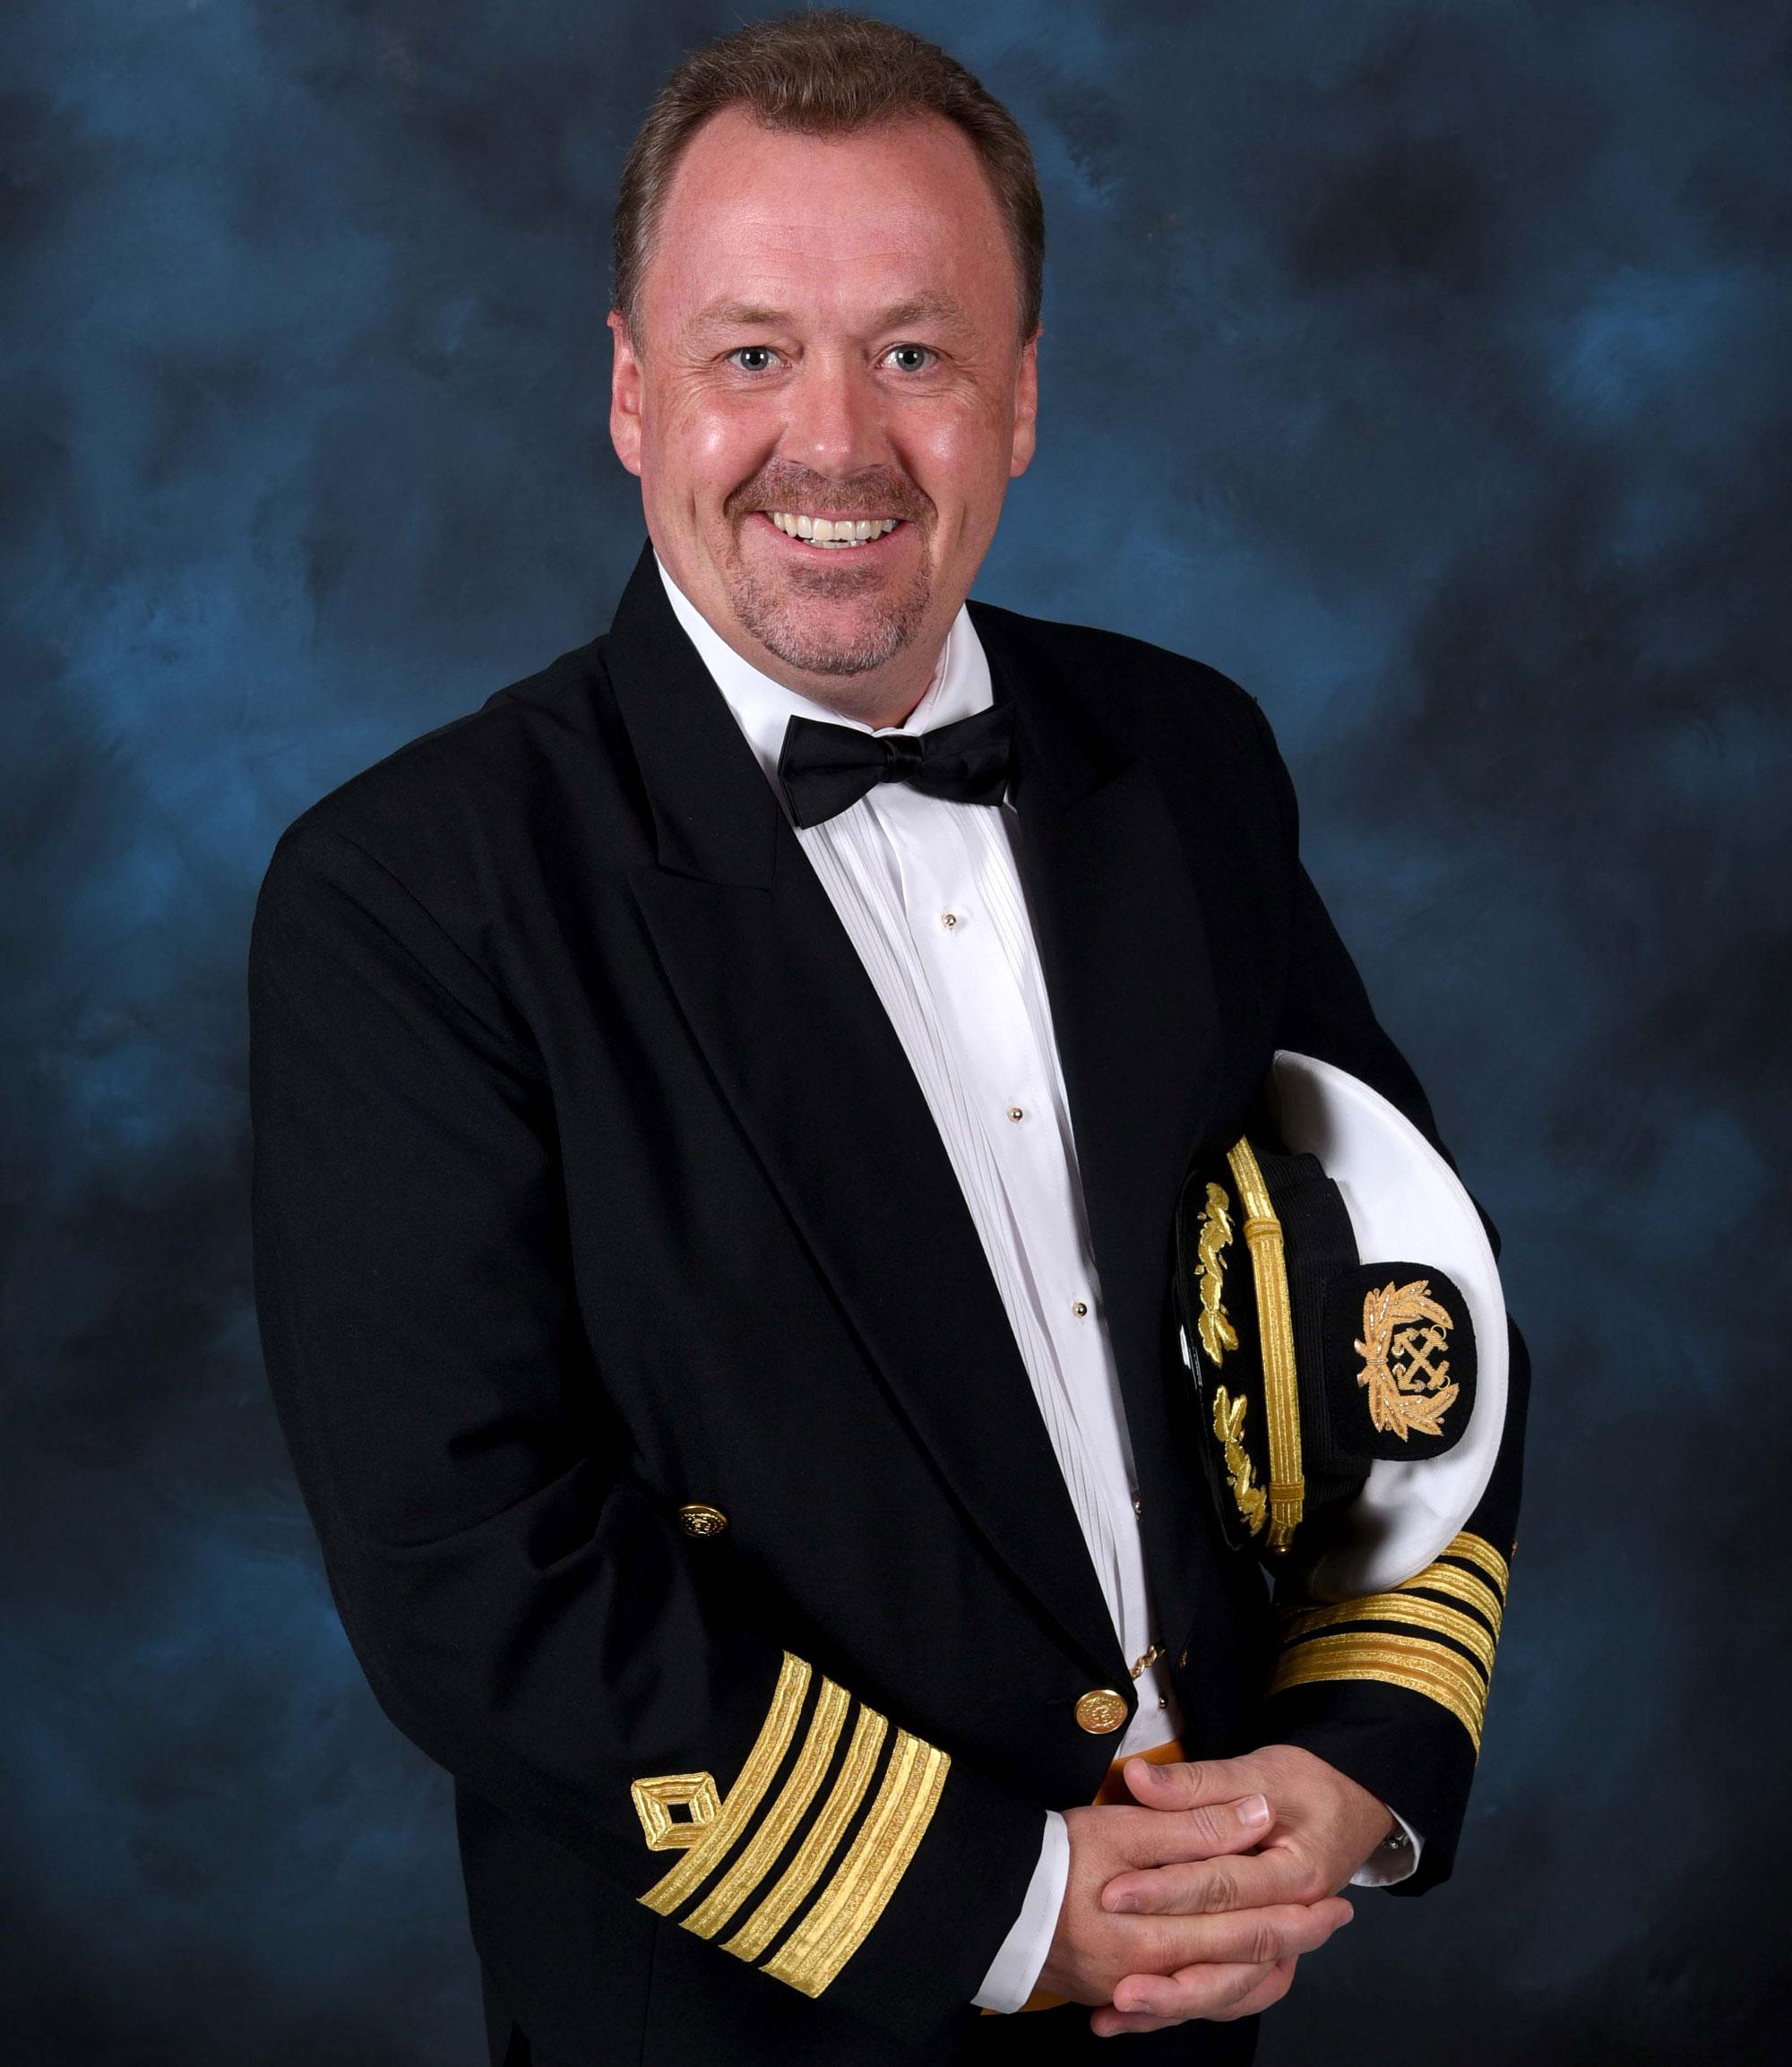 Captain Thomas Larson